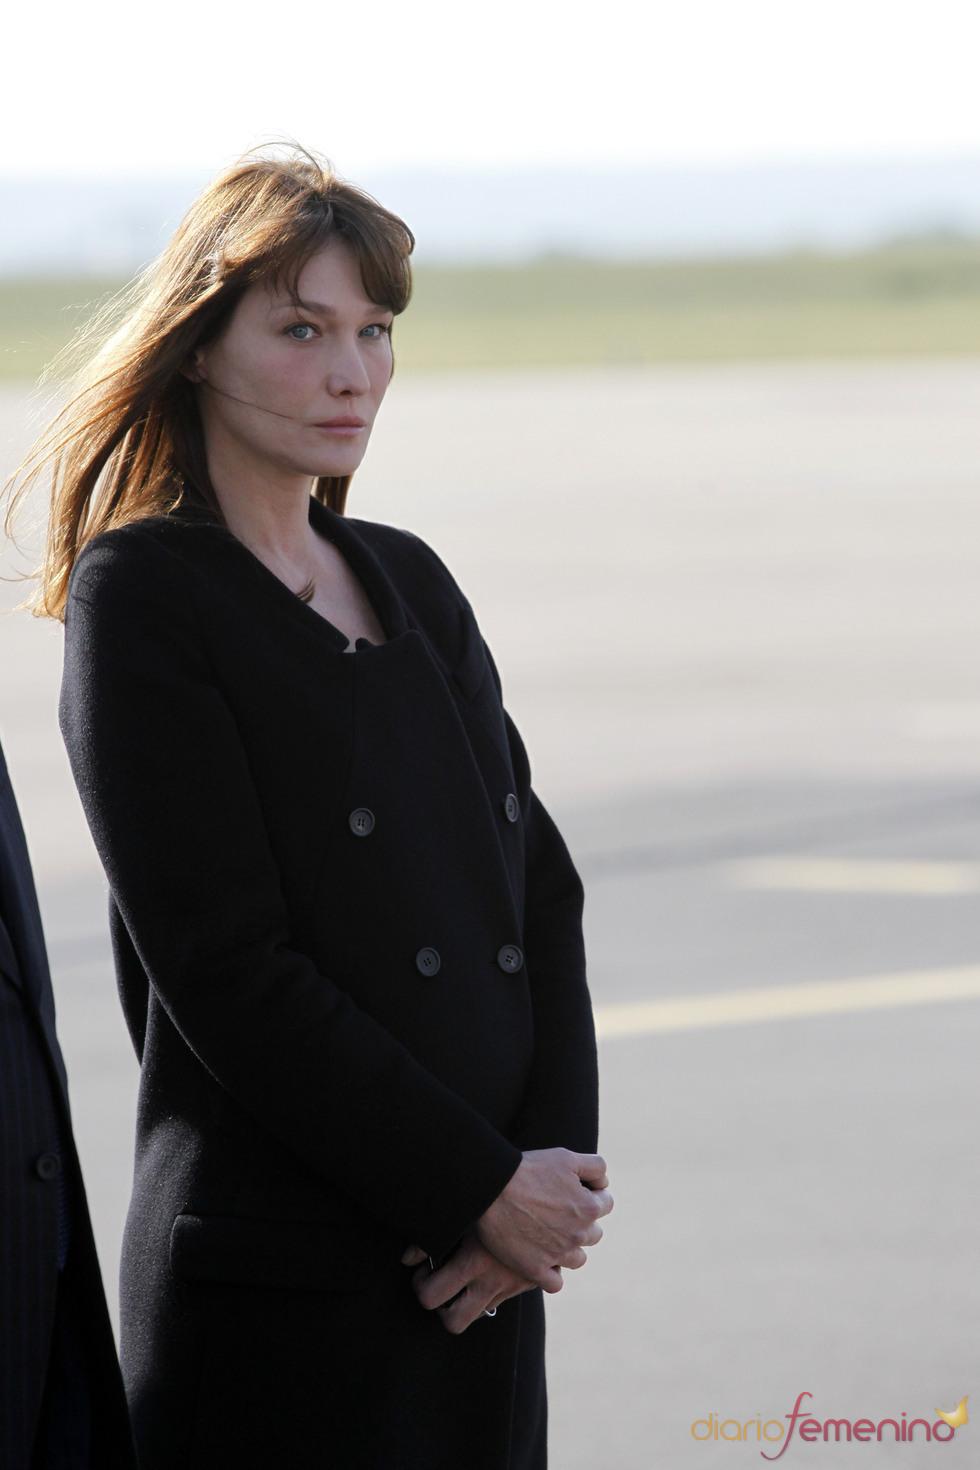 Carla Bruni con un abrigo negro, hace sospechar un posible embarazo